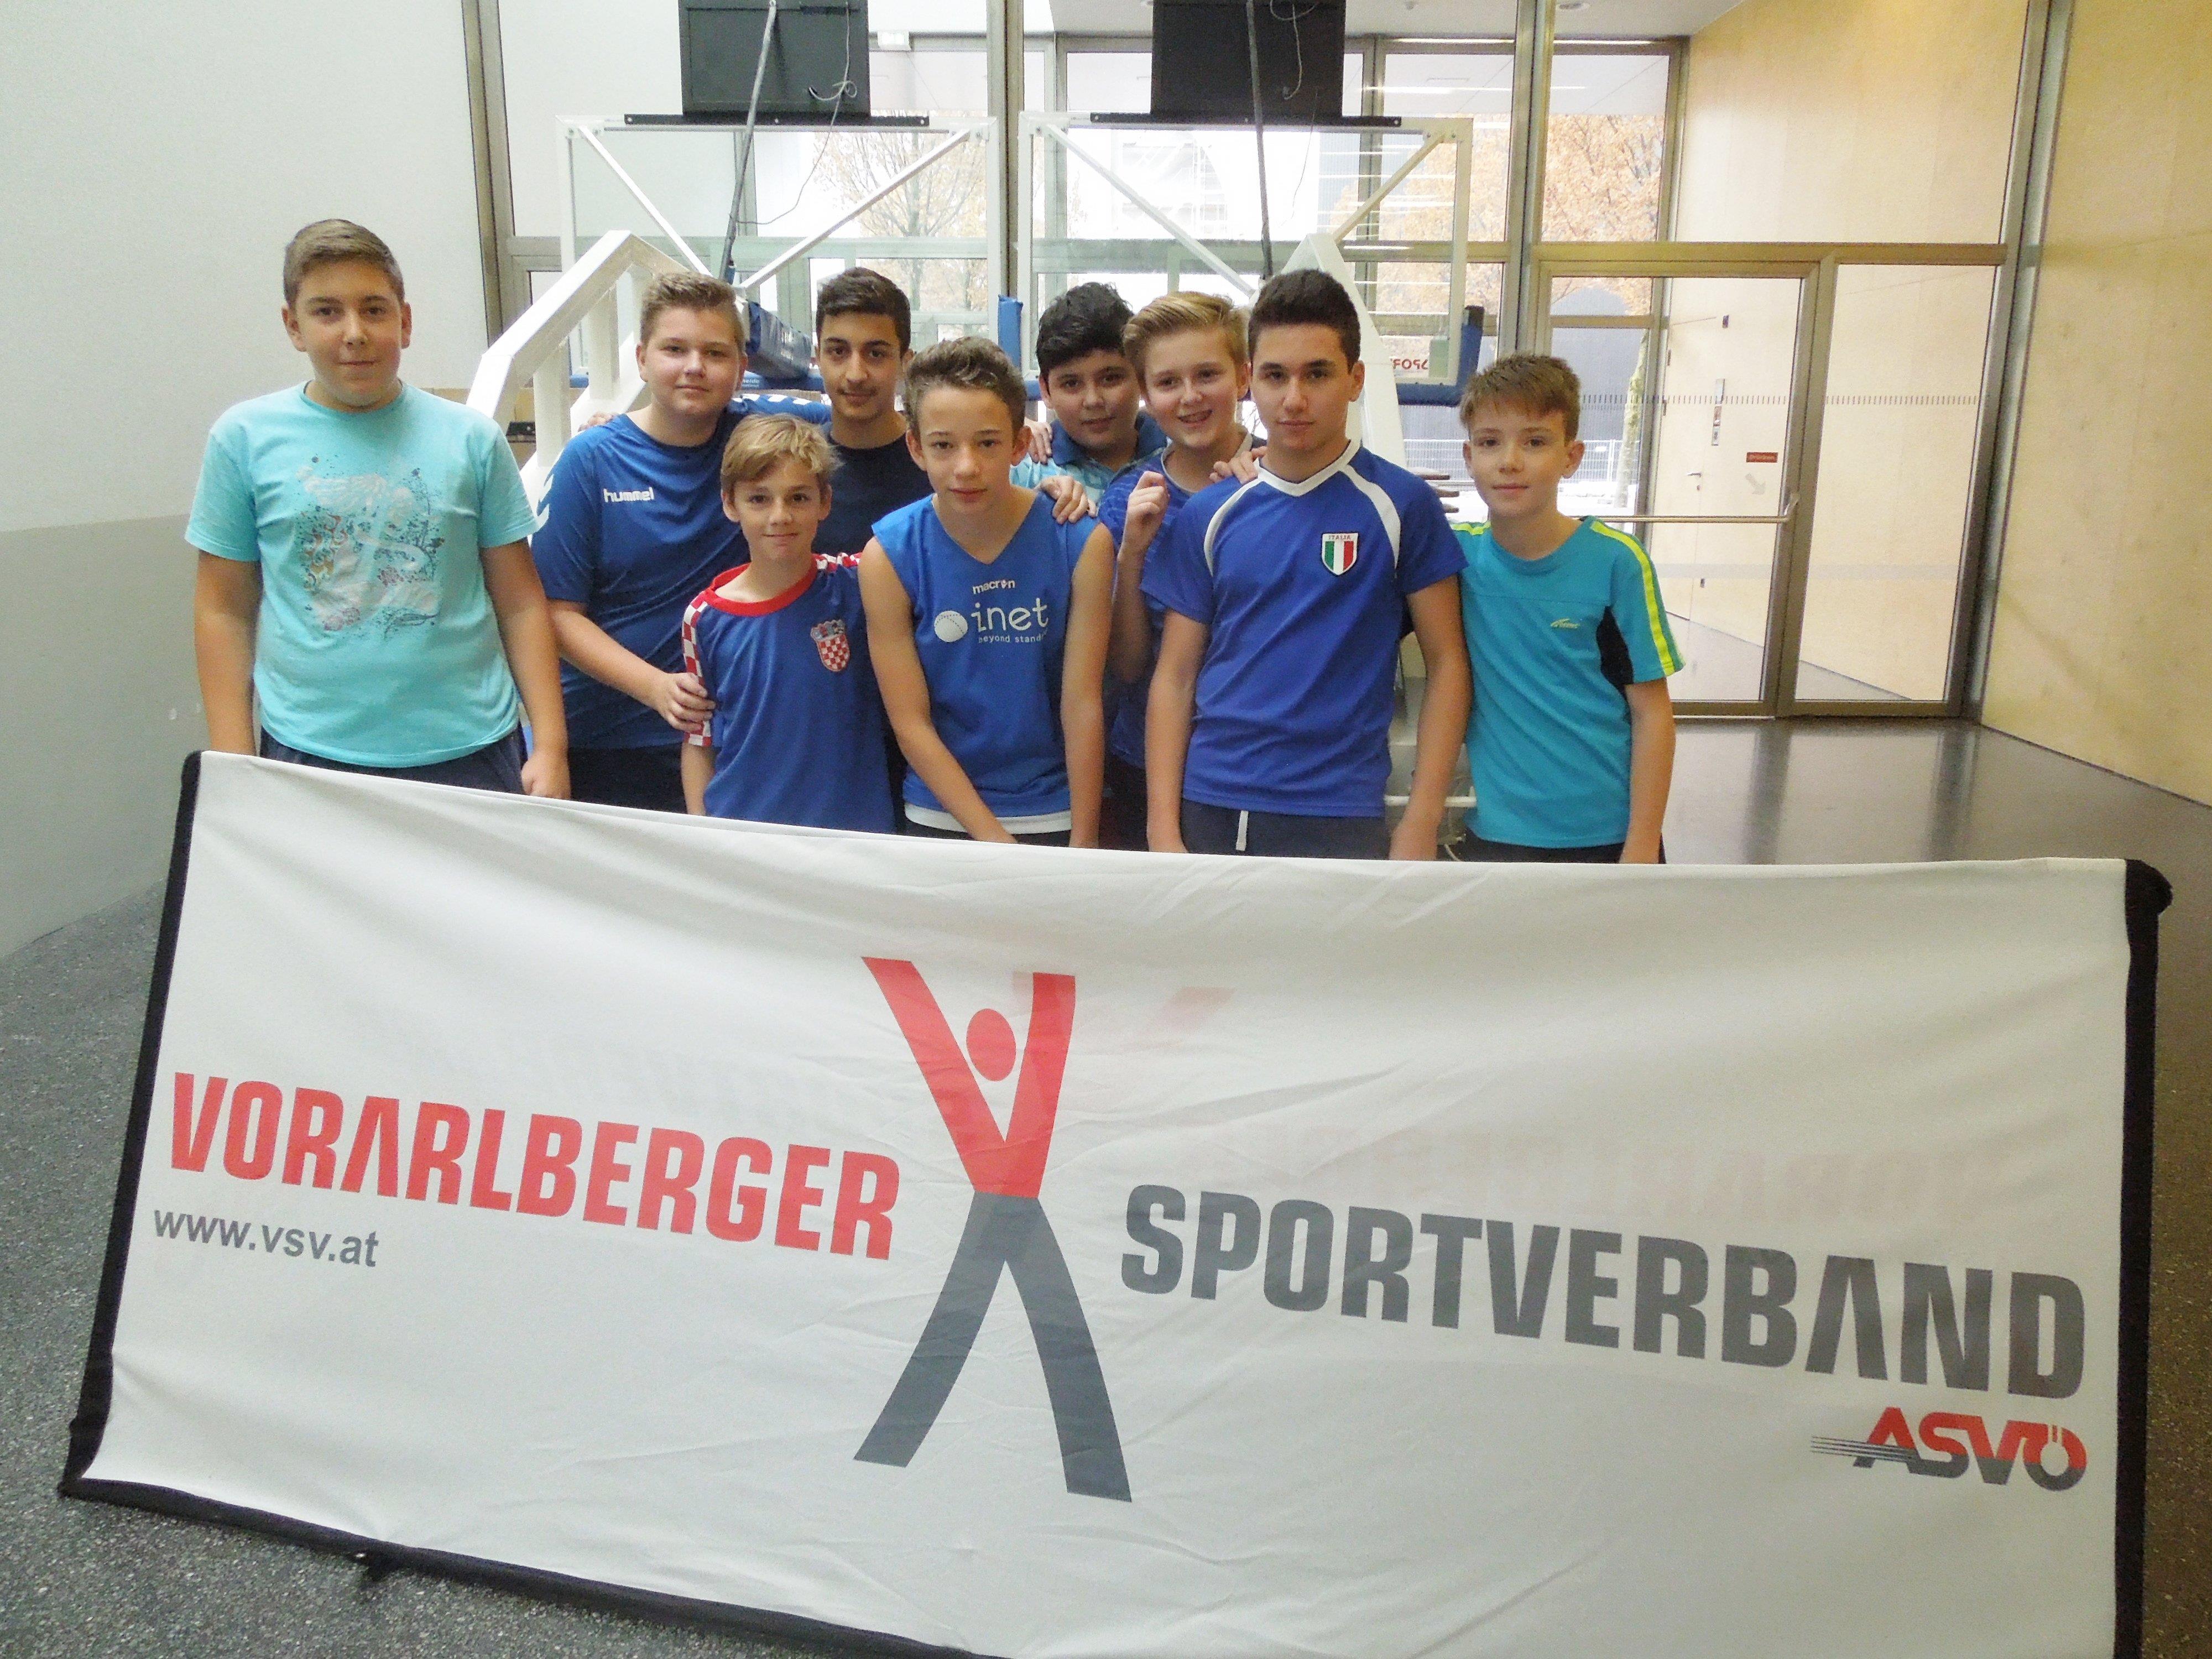 Die Workshops und Völkerballturniere des ASVÖ kommen bei den Jugendlichen hervorragend an.